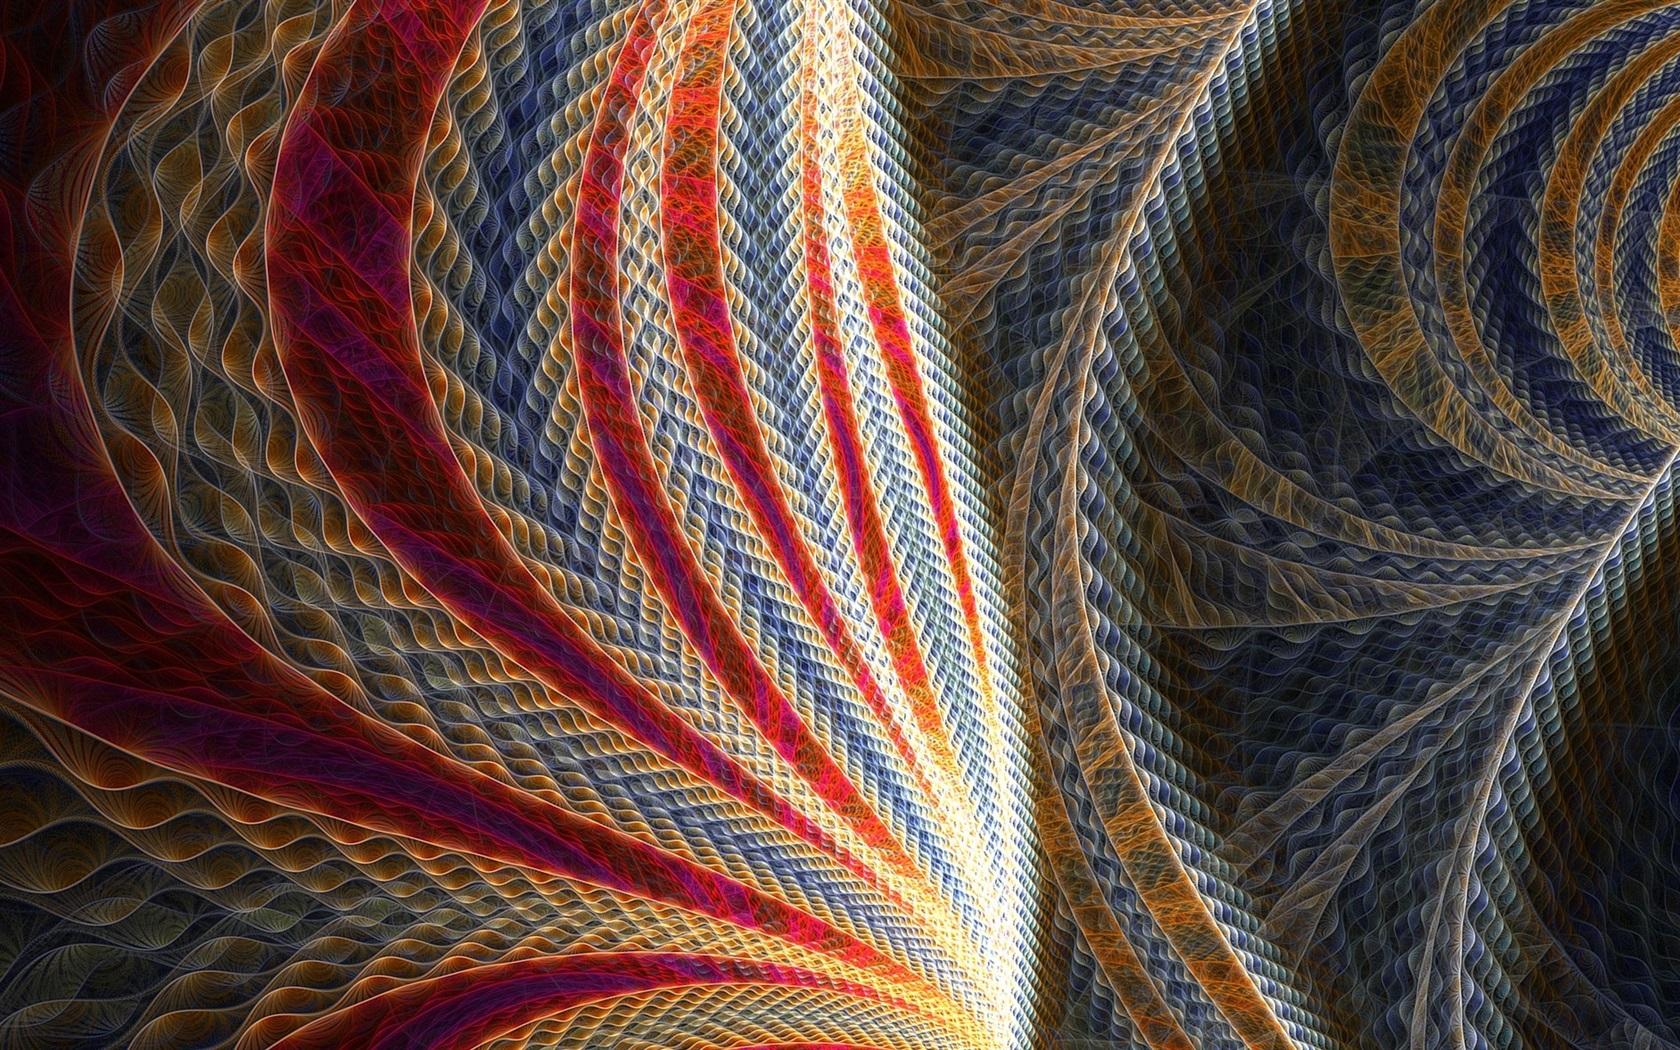 fondo 3d colorido 1680x1050 - photo #6